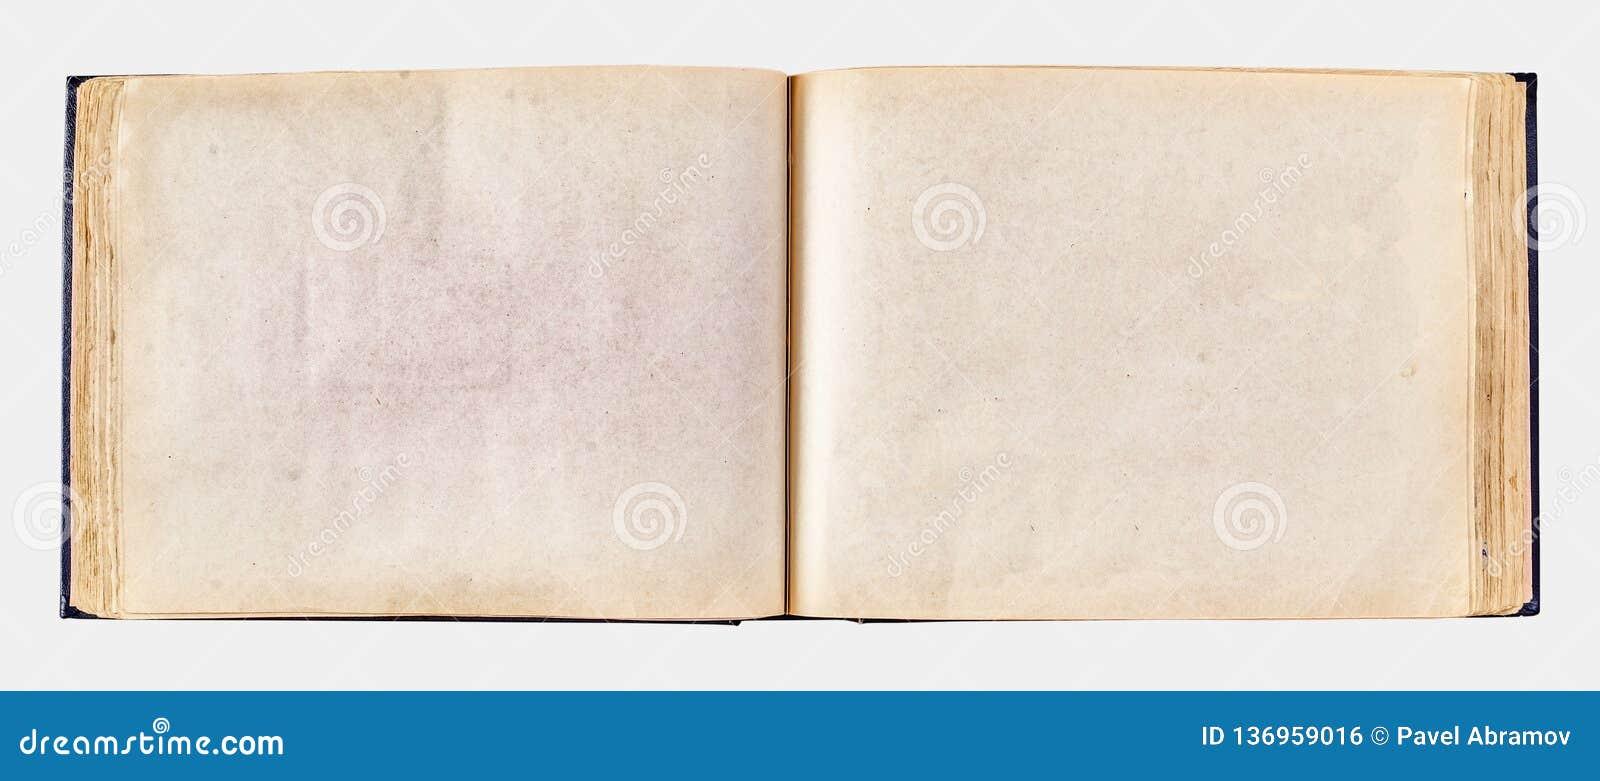 Старый пожелтетый фотоальбом для фото